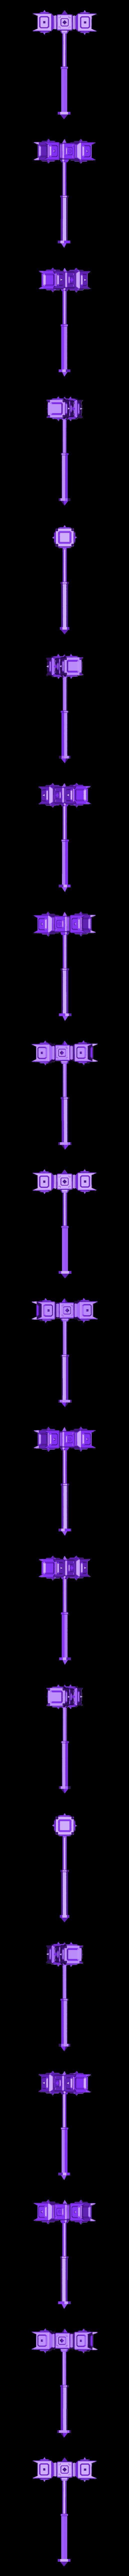 maza.stl Télécharger fichier STL gratuit marteau de guerre • Modèle imprimable en 3D, 3liasD